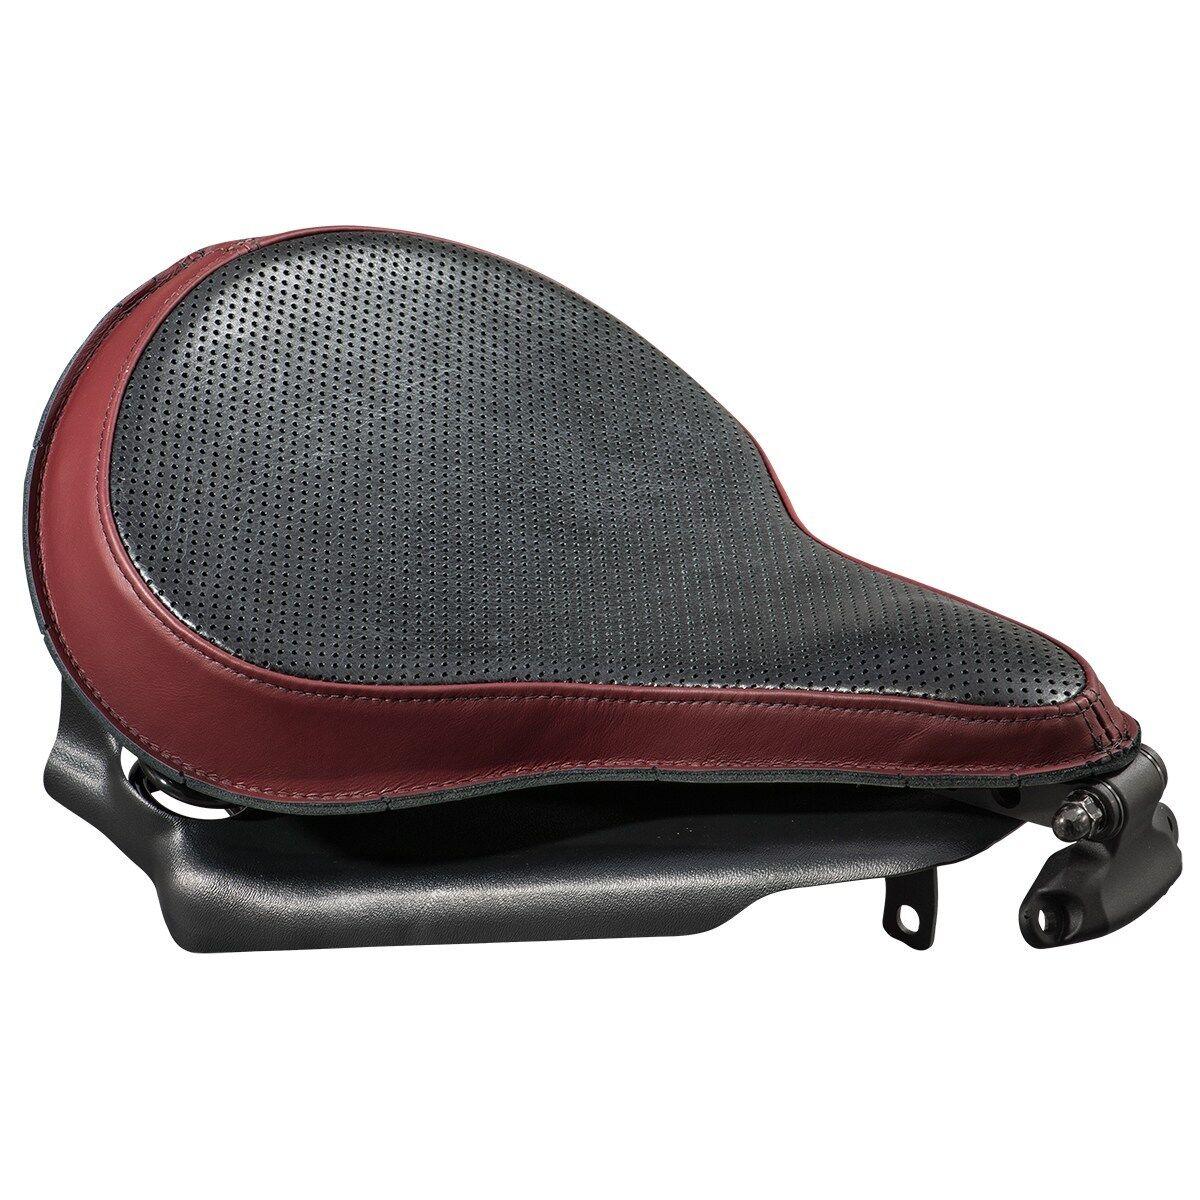 2014-2019 Yamaha BOLT Springer Bobber Solo Seat Kit